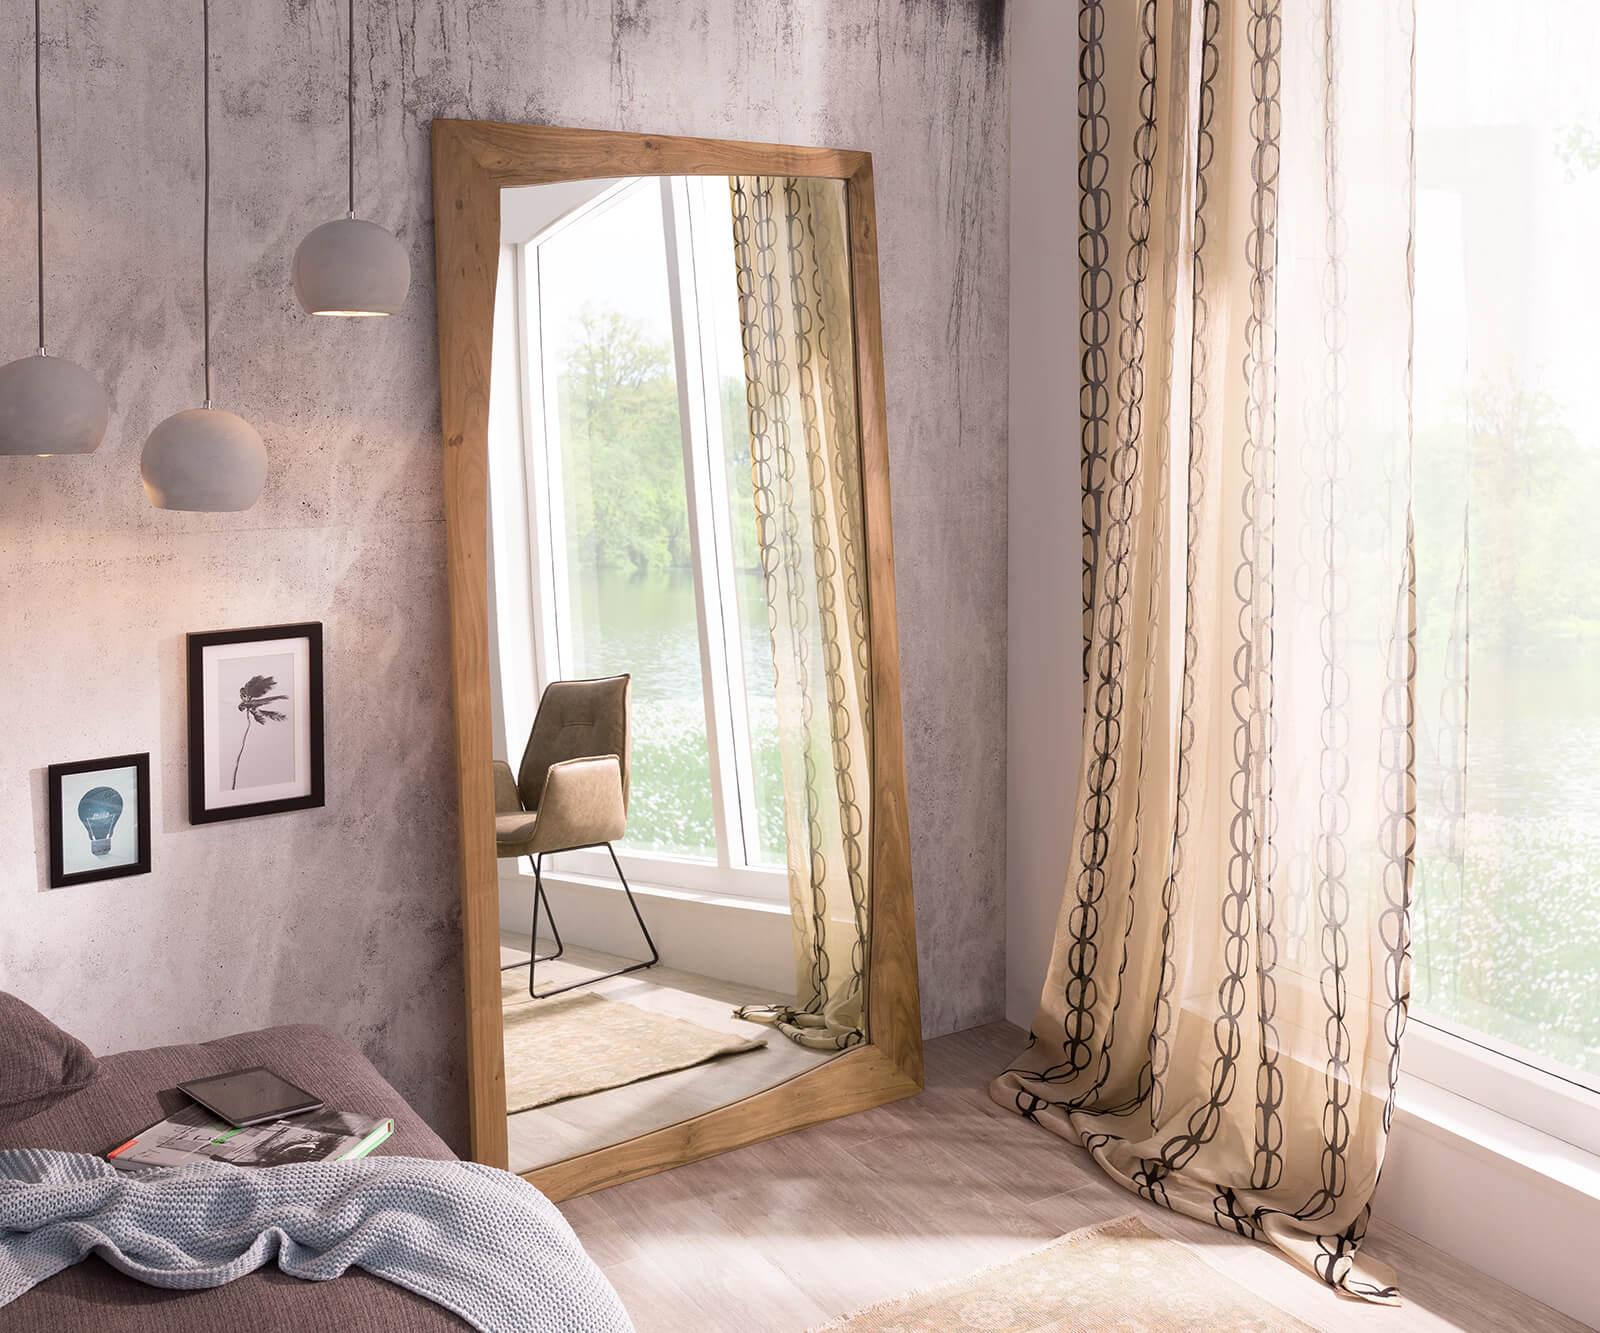 delife-design-wandspiegel-wyatt-200x100-cm-akazie-natur-spiegel